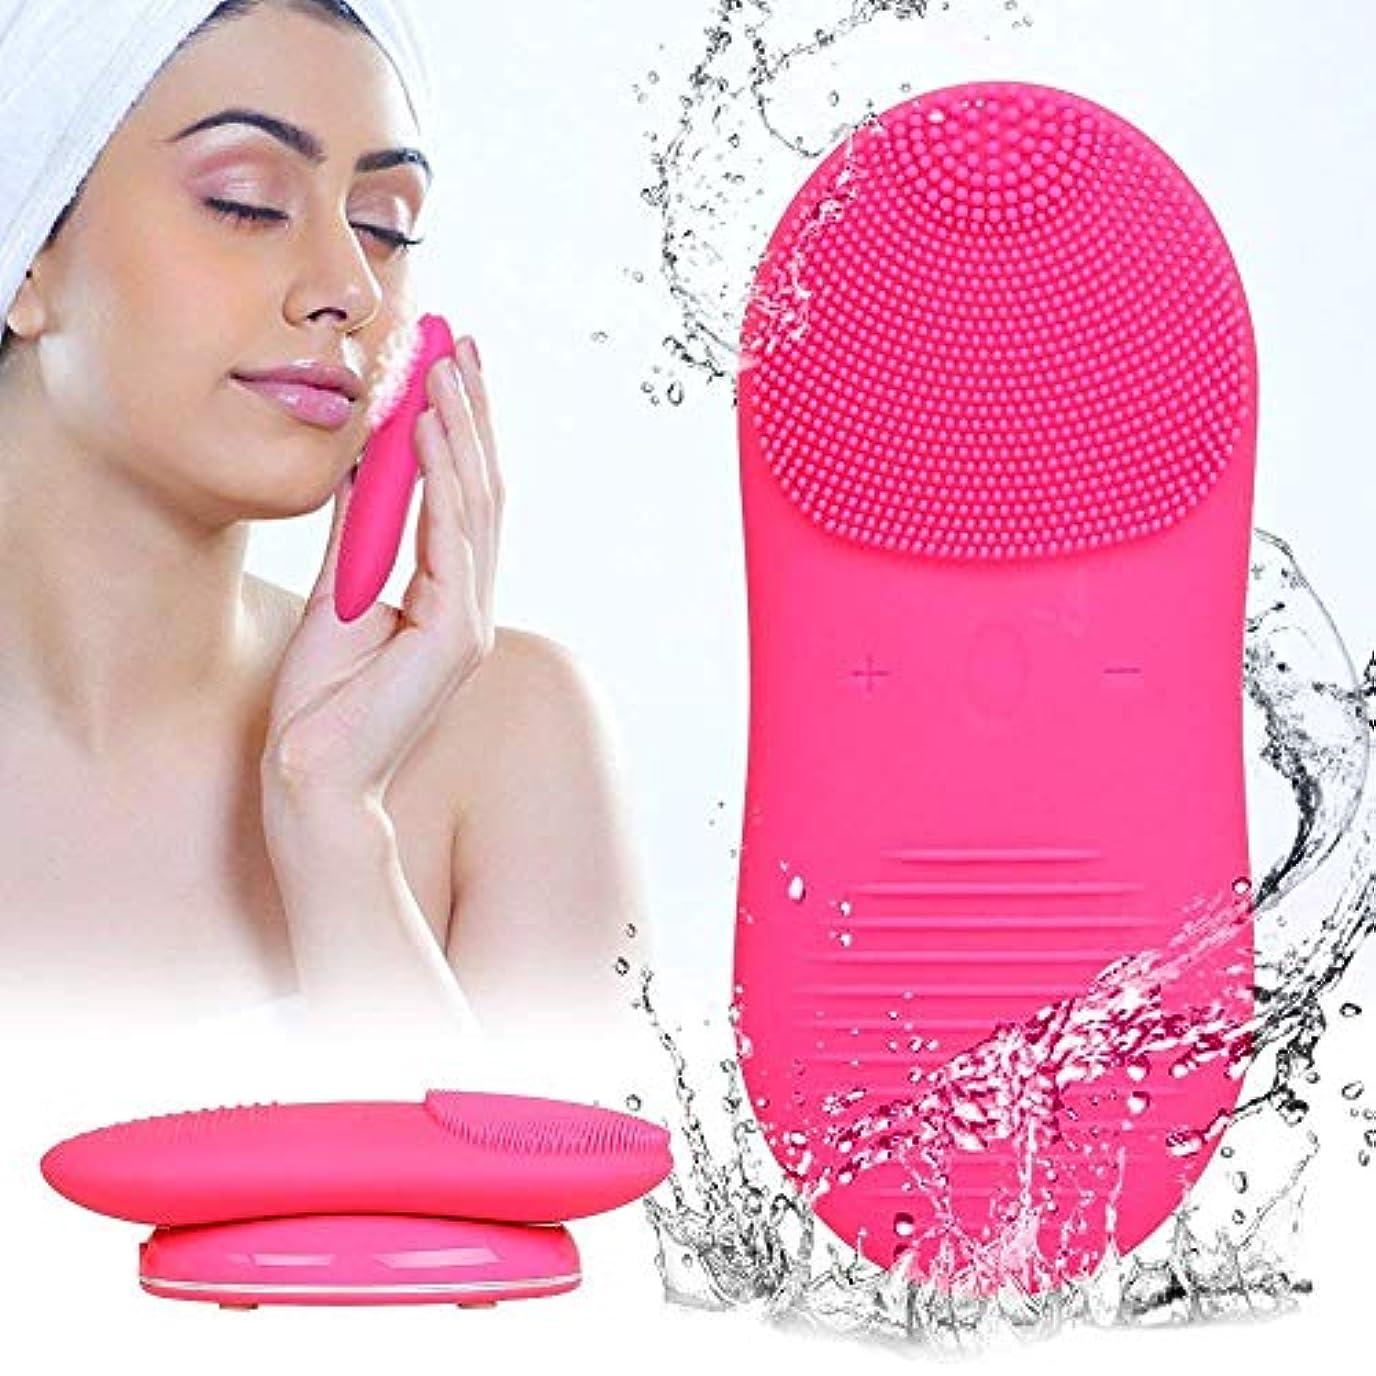 むしろ委託油電気クレンジングブラシシリコーンフェイスクレンザー洗顔ブラシ電動ソニック振動穏やかな角質のアンチエイジングマッサージスキンケアバラ色